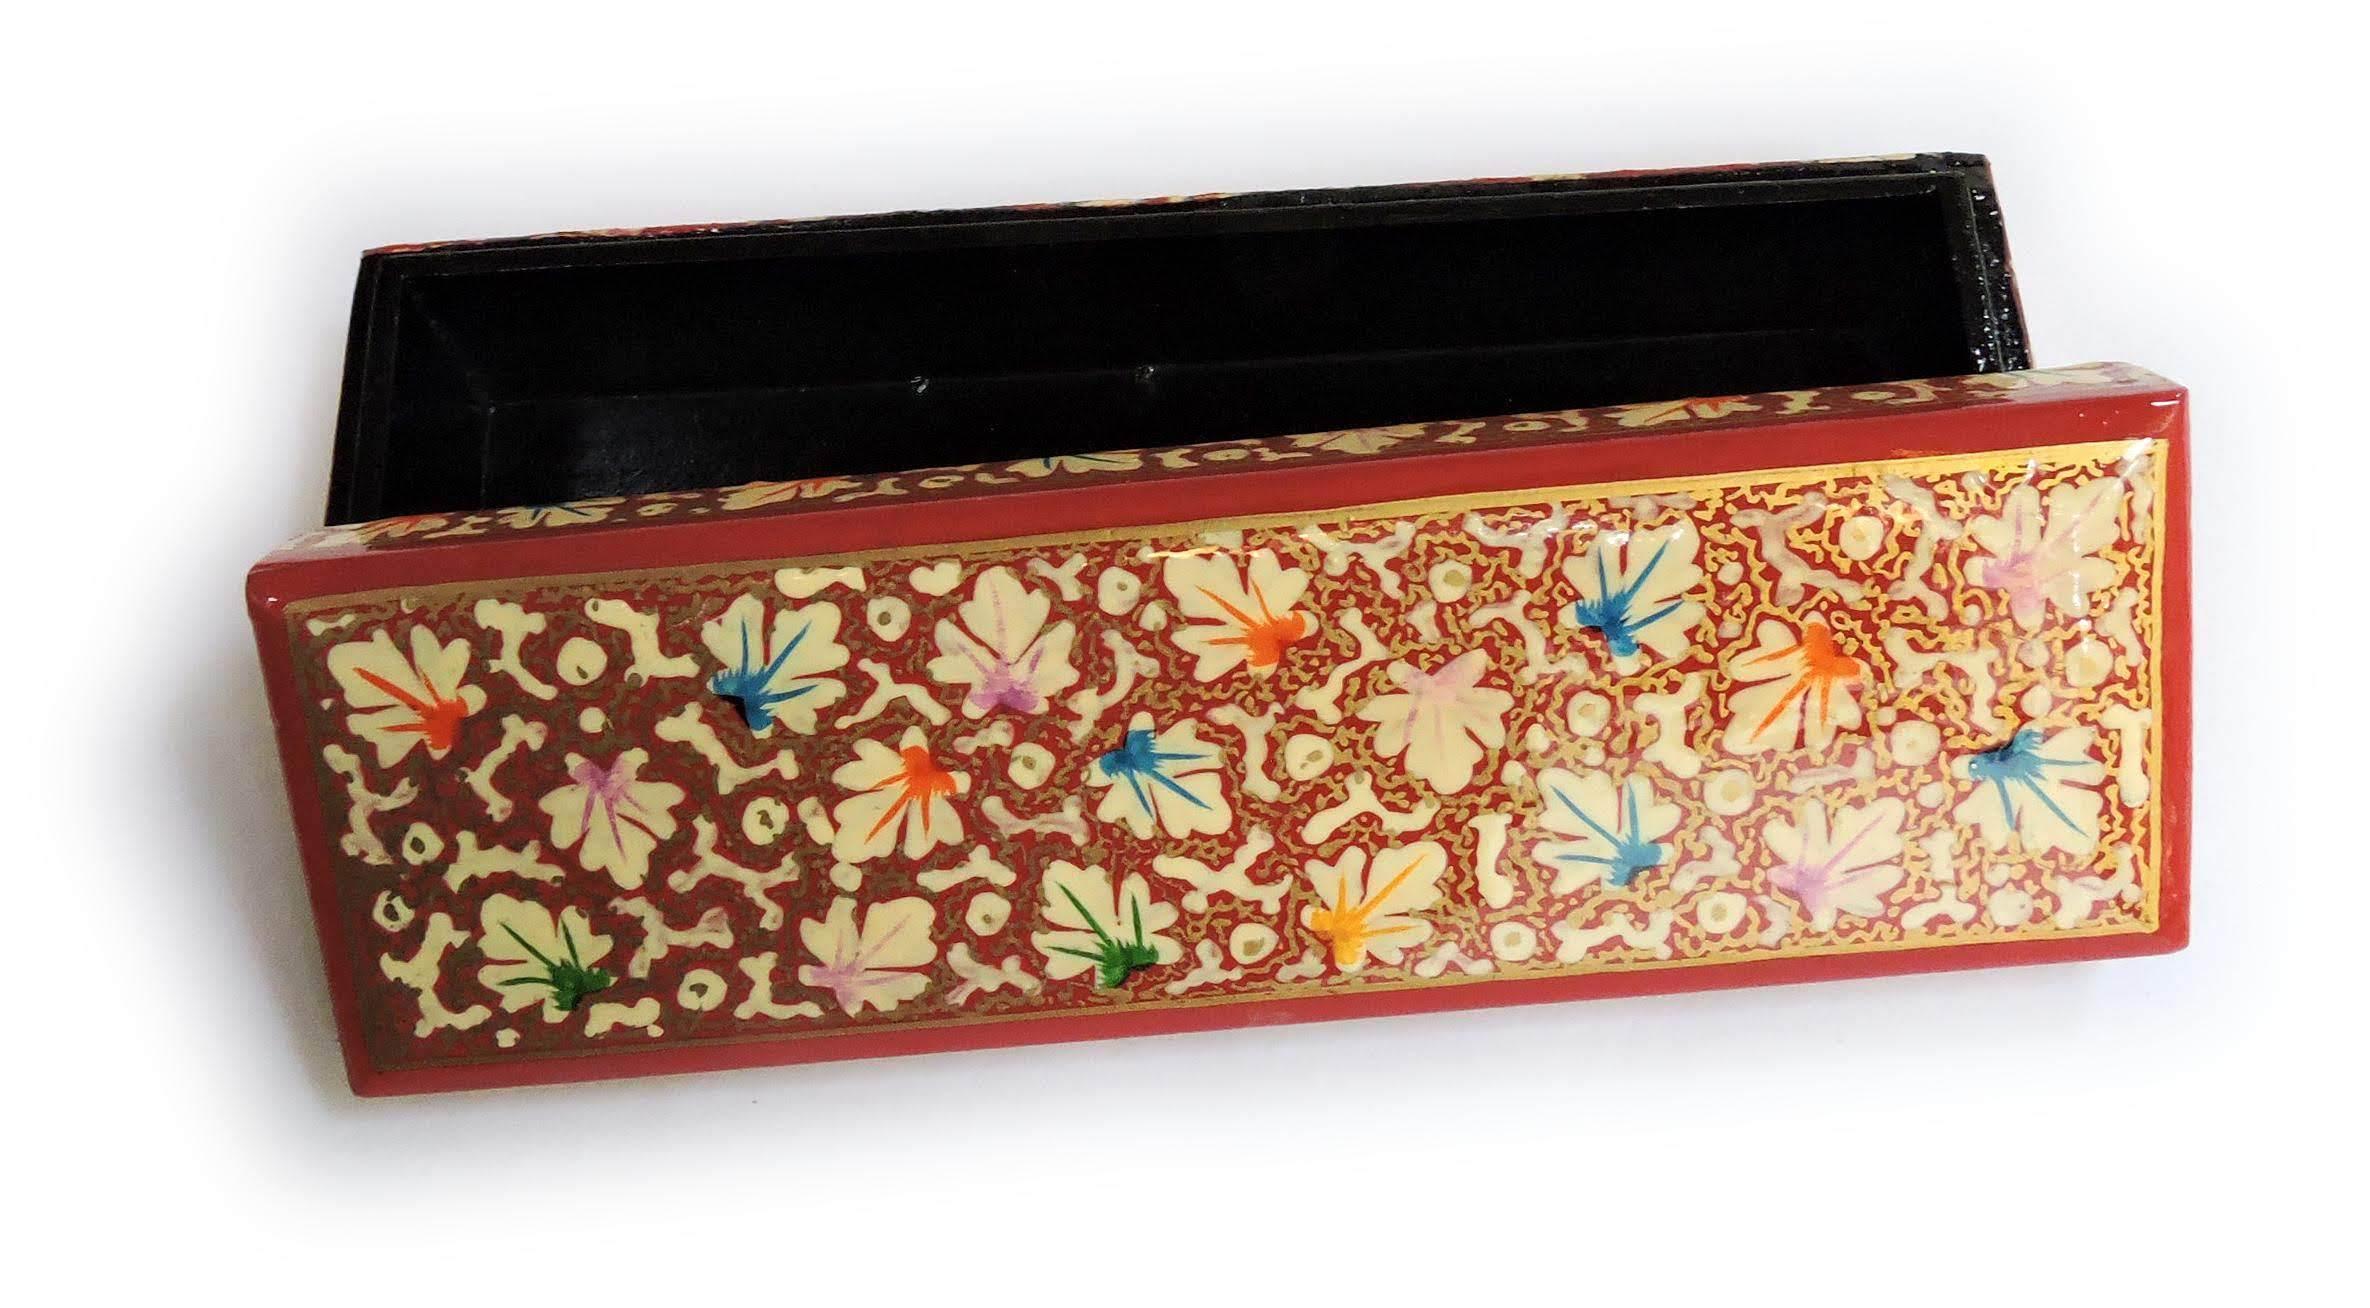 Handcrafted Decorative Agarbatti Box